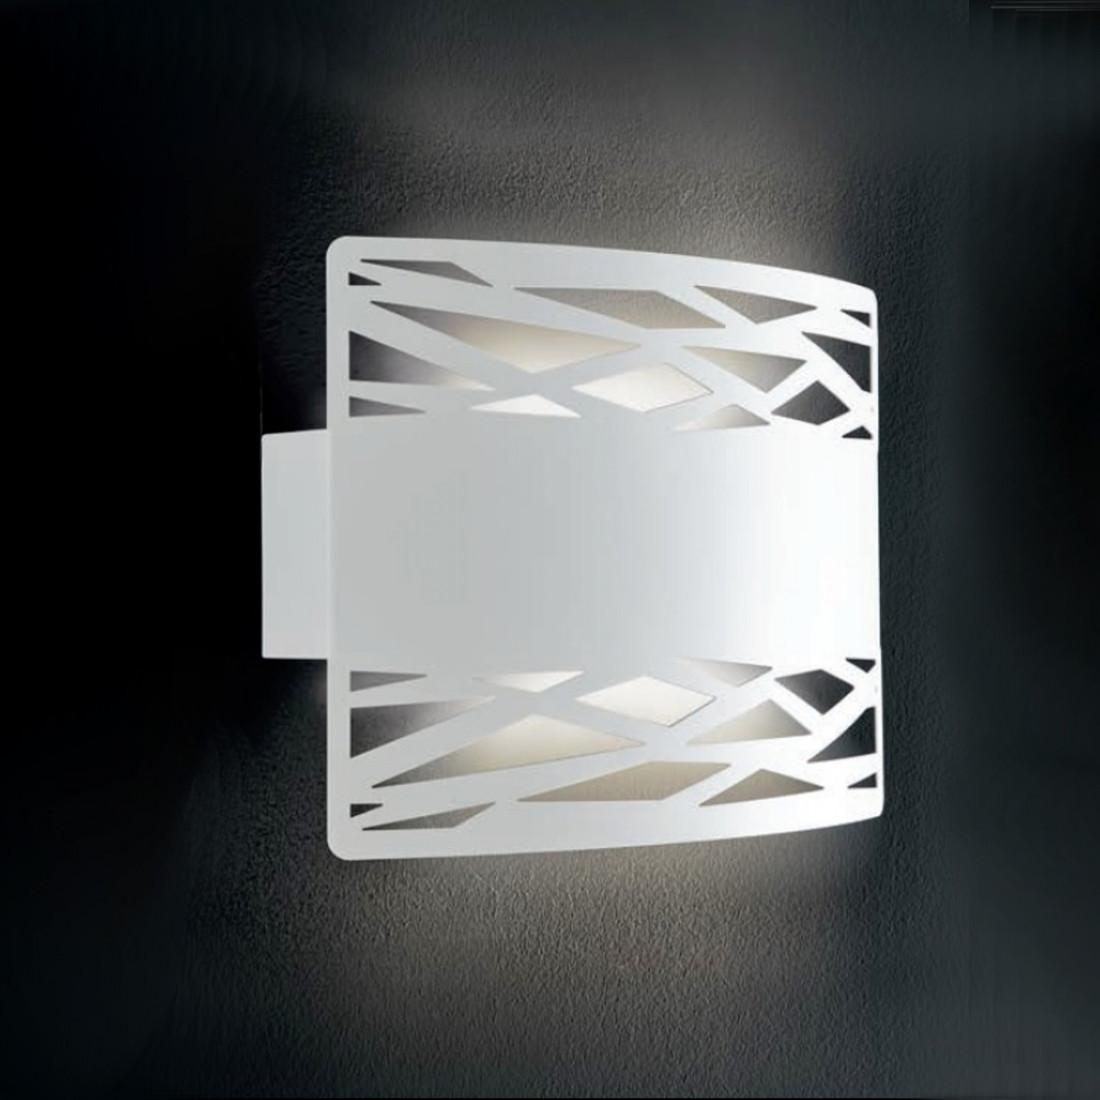 Applique moderna biemissione in metallo bianco con attacco E27 LED